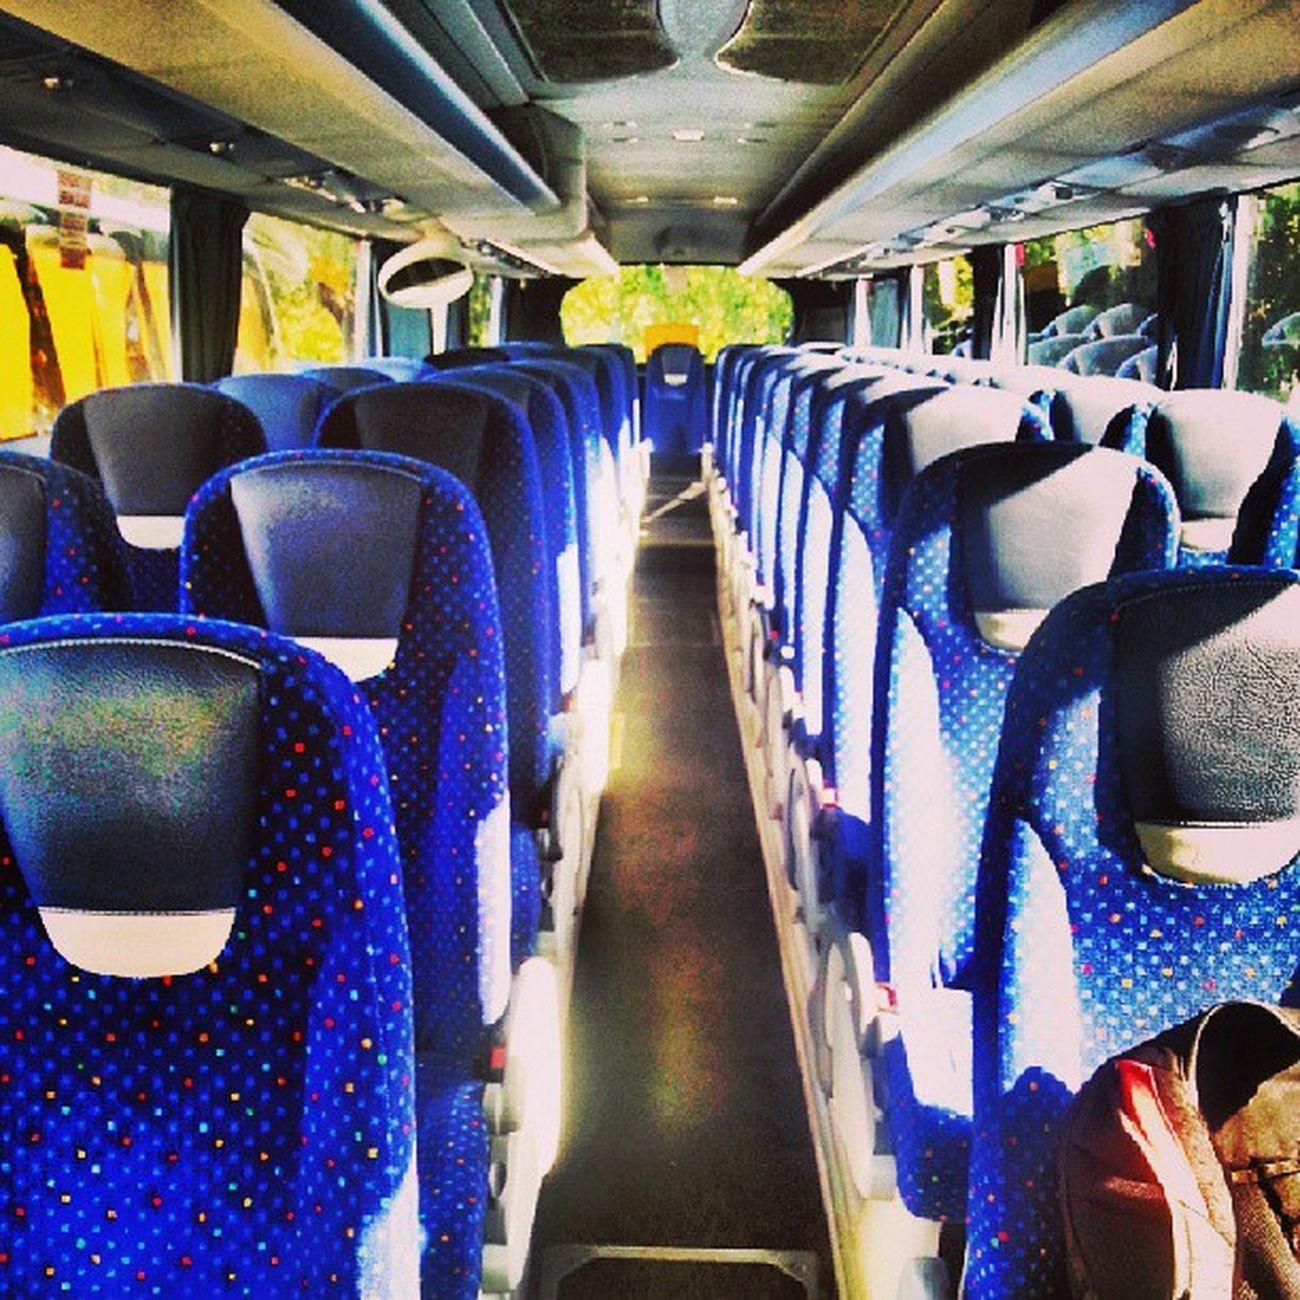 Bus Bengurionairport El_al_israel